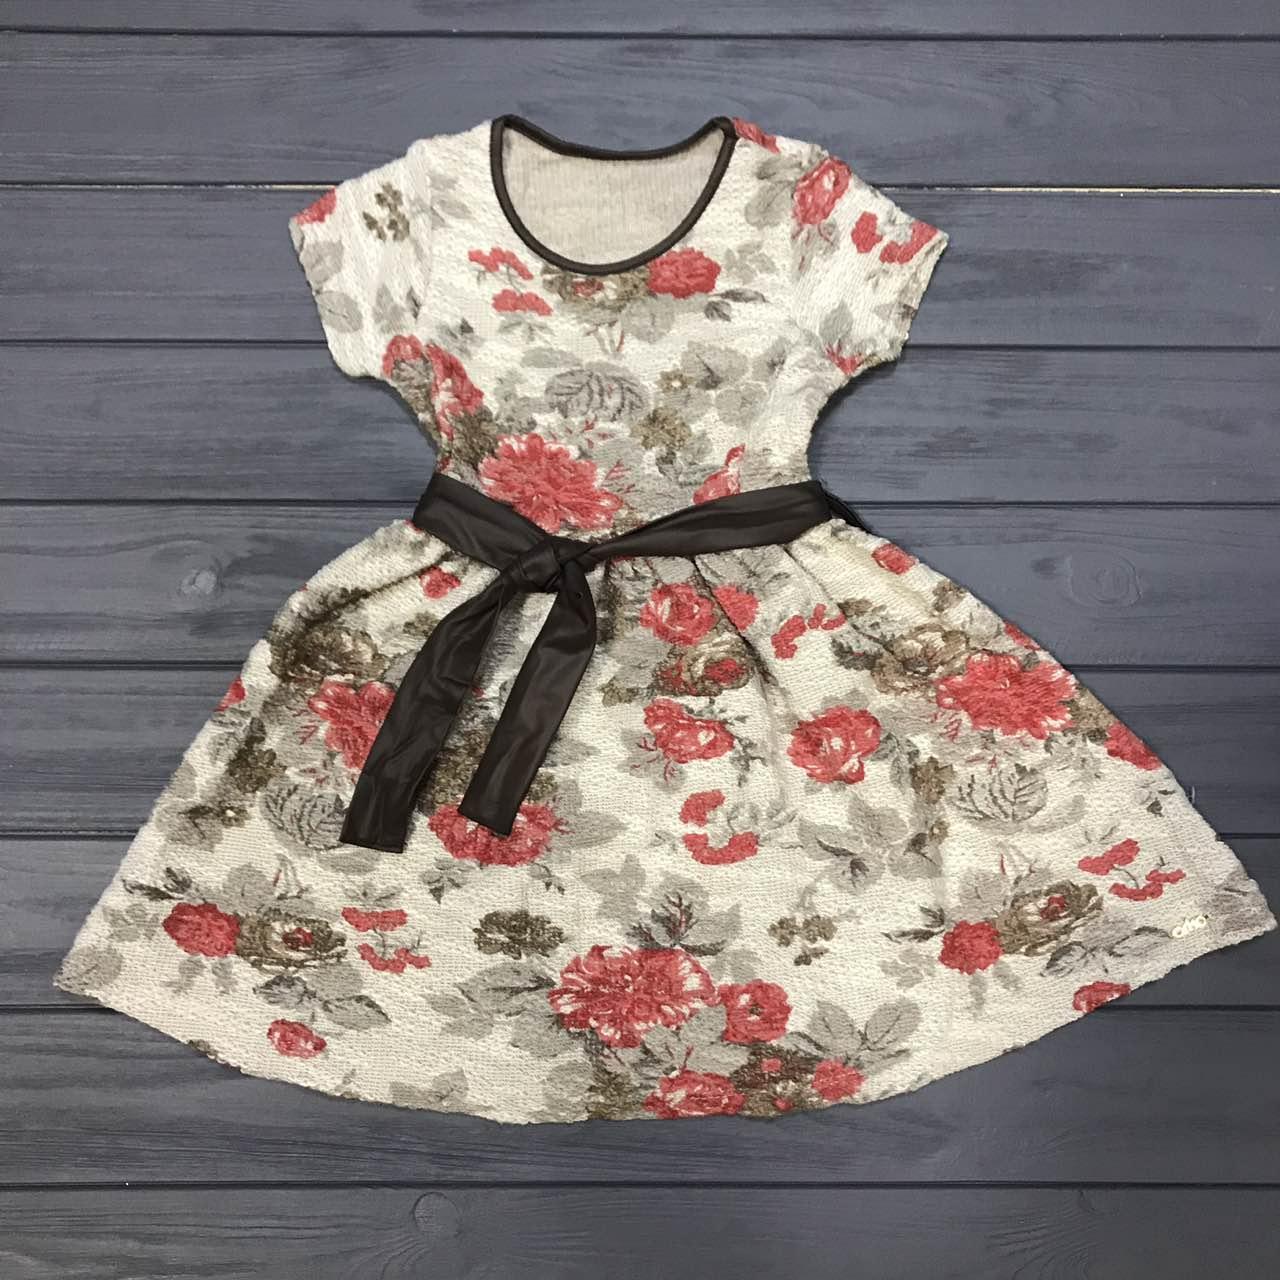 Детская одежда оптом Платье нарядное для девочек Orko оптом р.4-7 лет